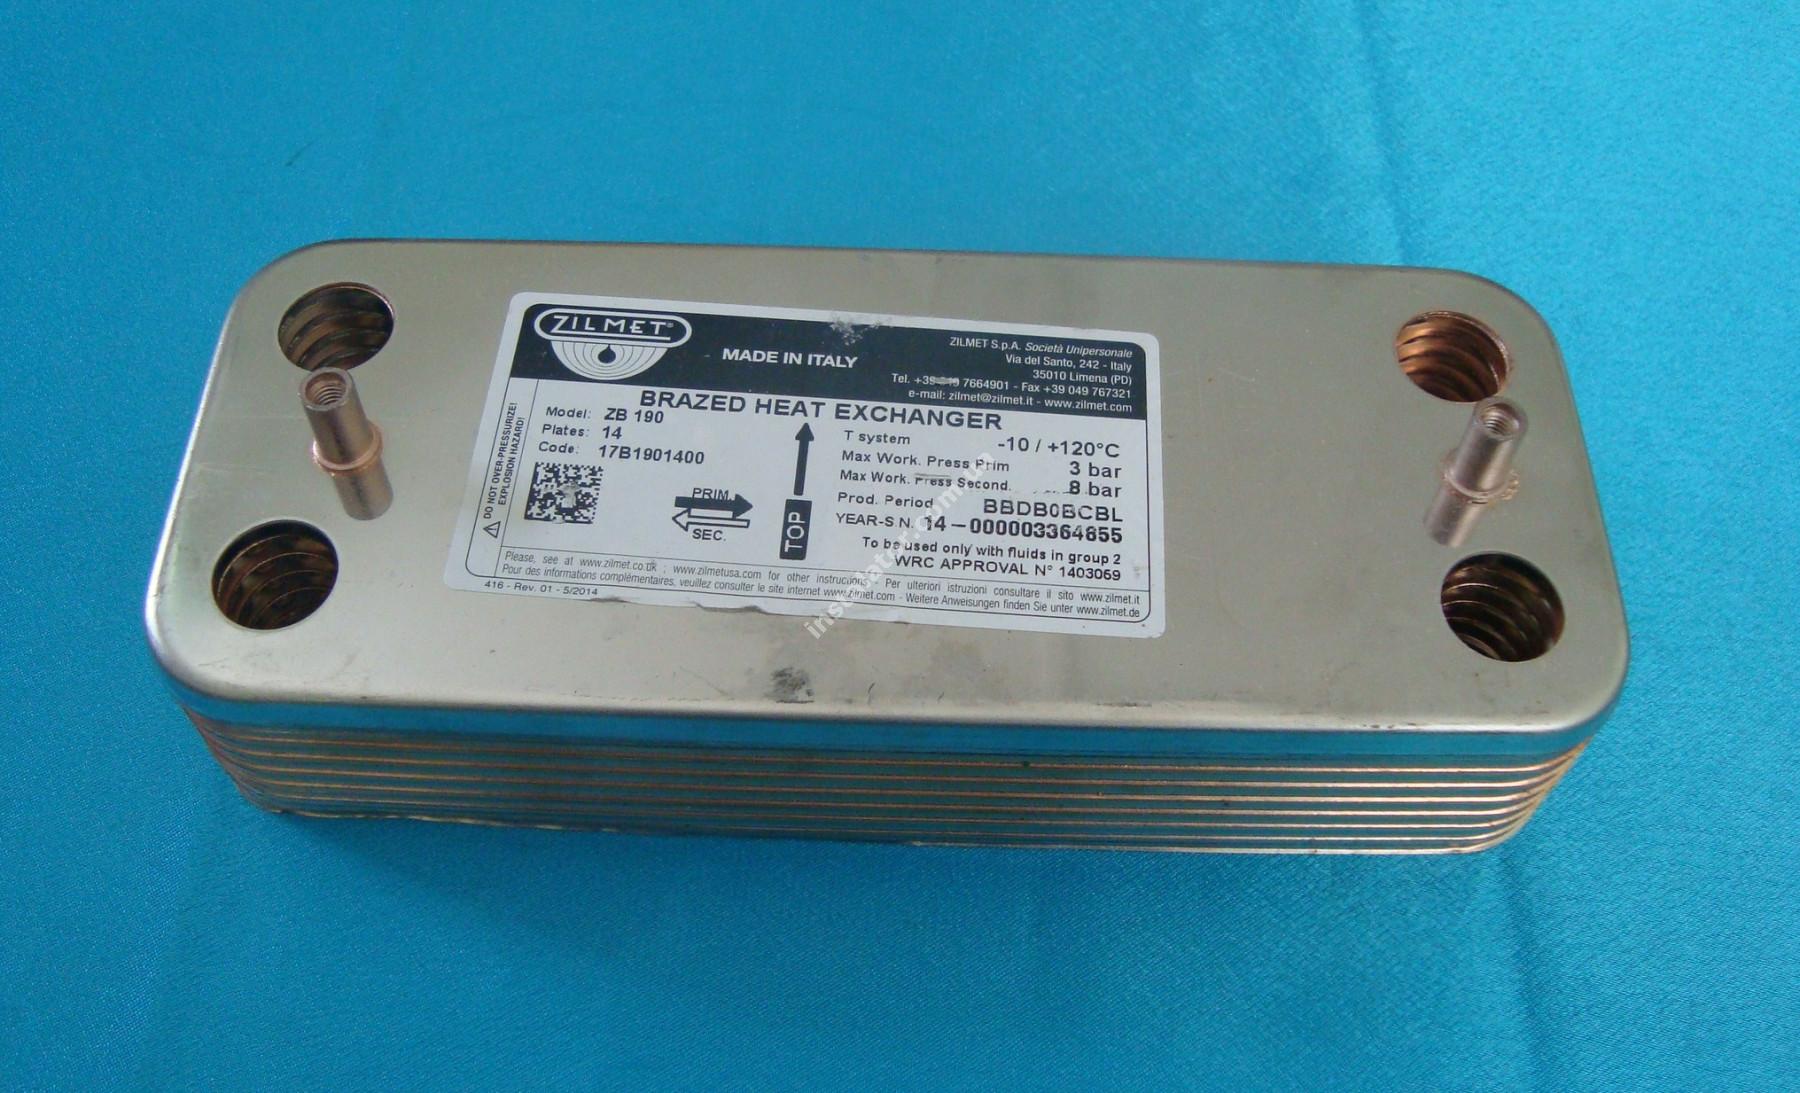 17B1901400 Теплообмінник вторинний ГВП 14 пластин ZILMET full-image-1